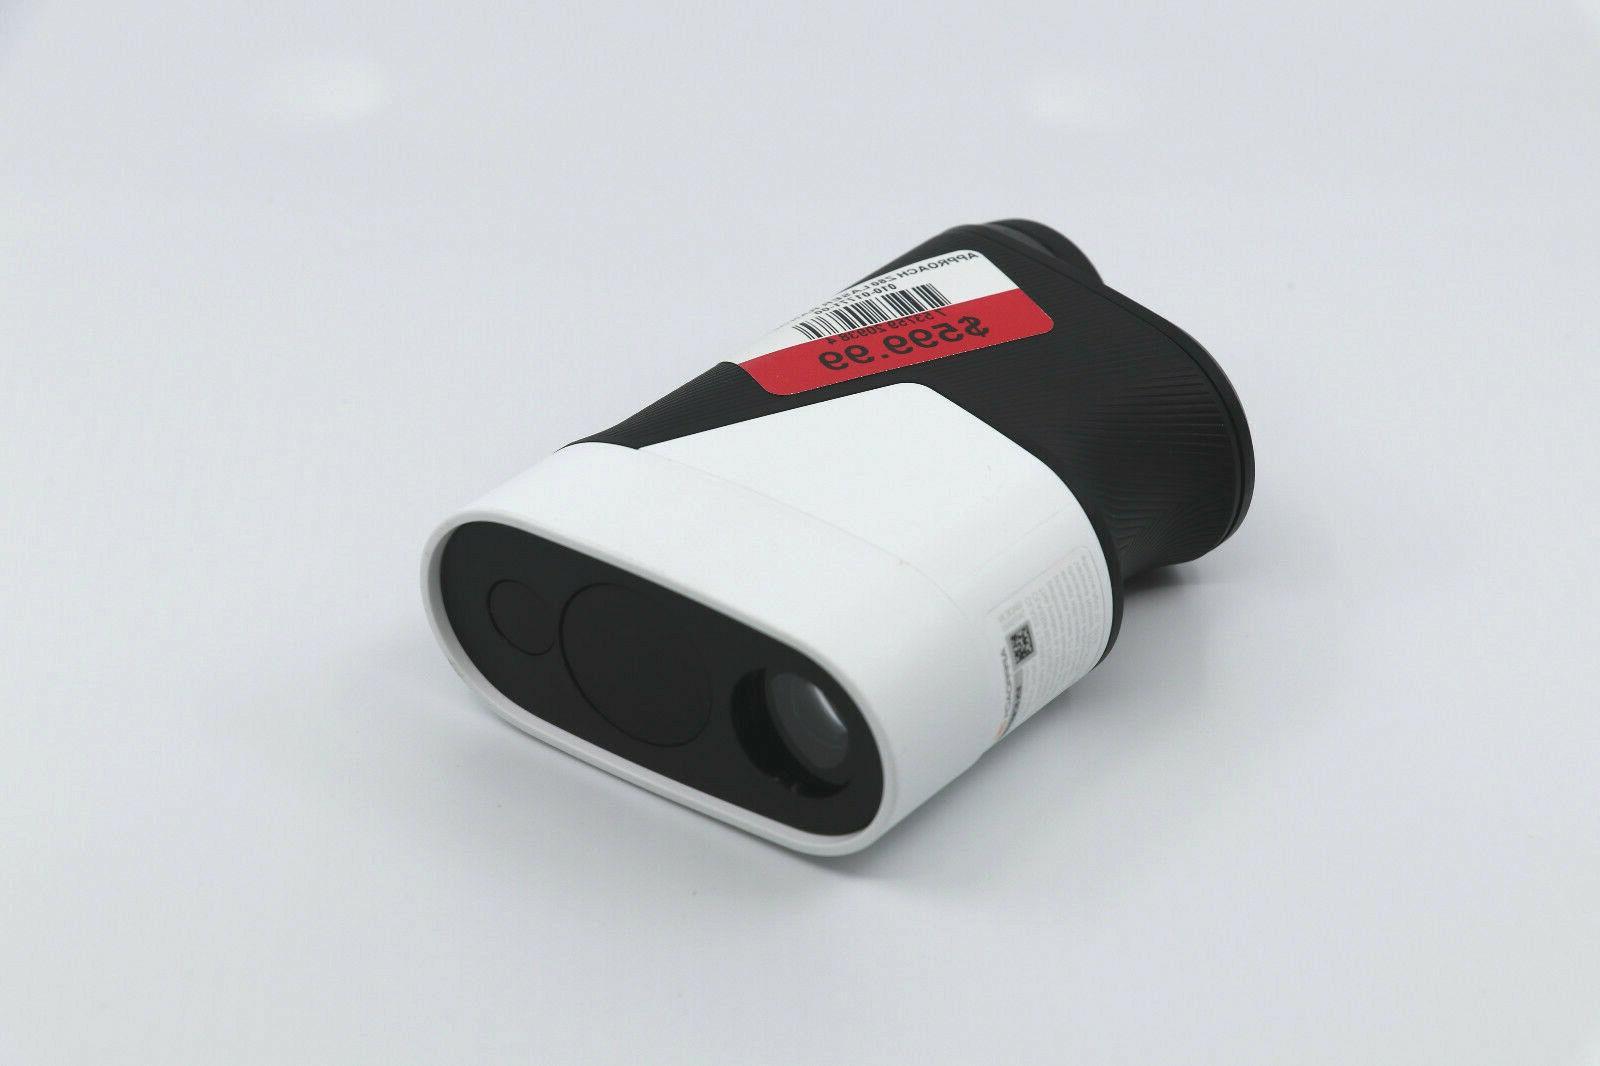 Garmin Laser GPS 41,000 Courses